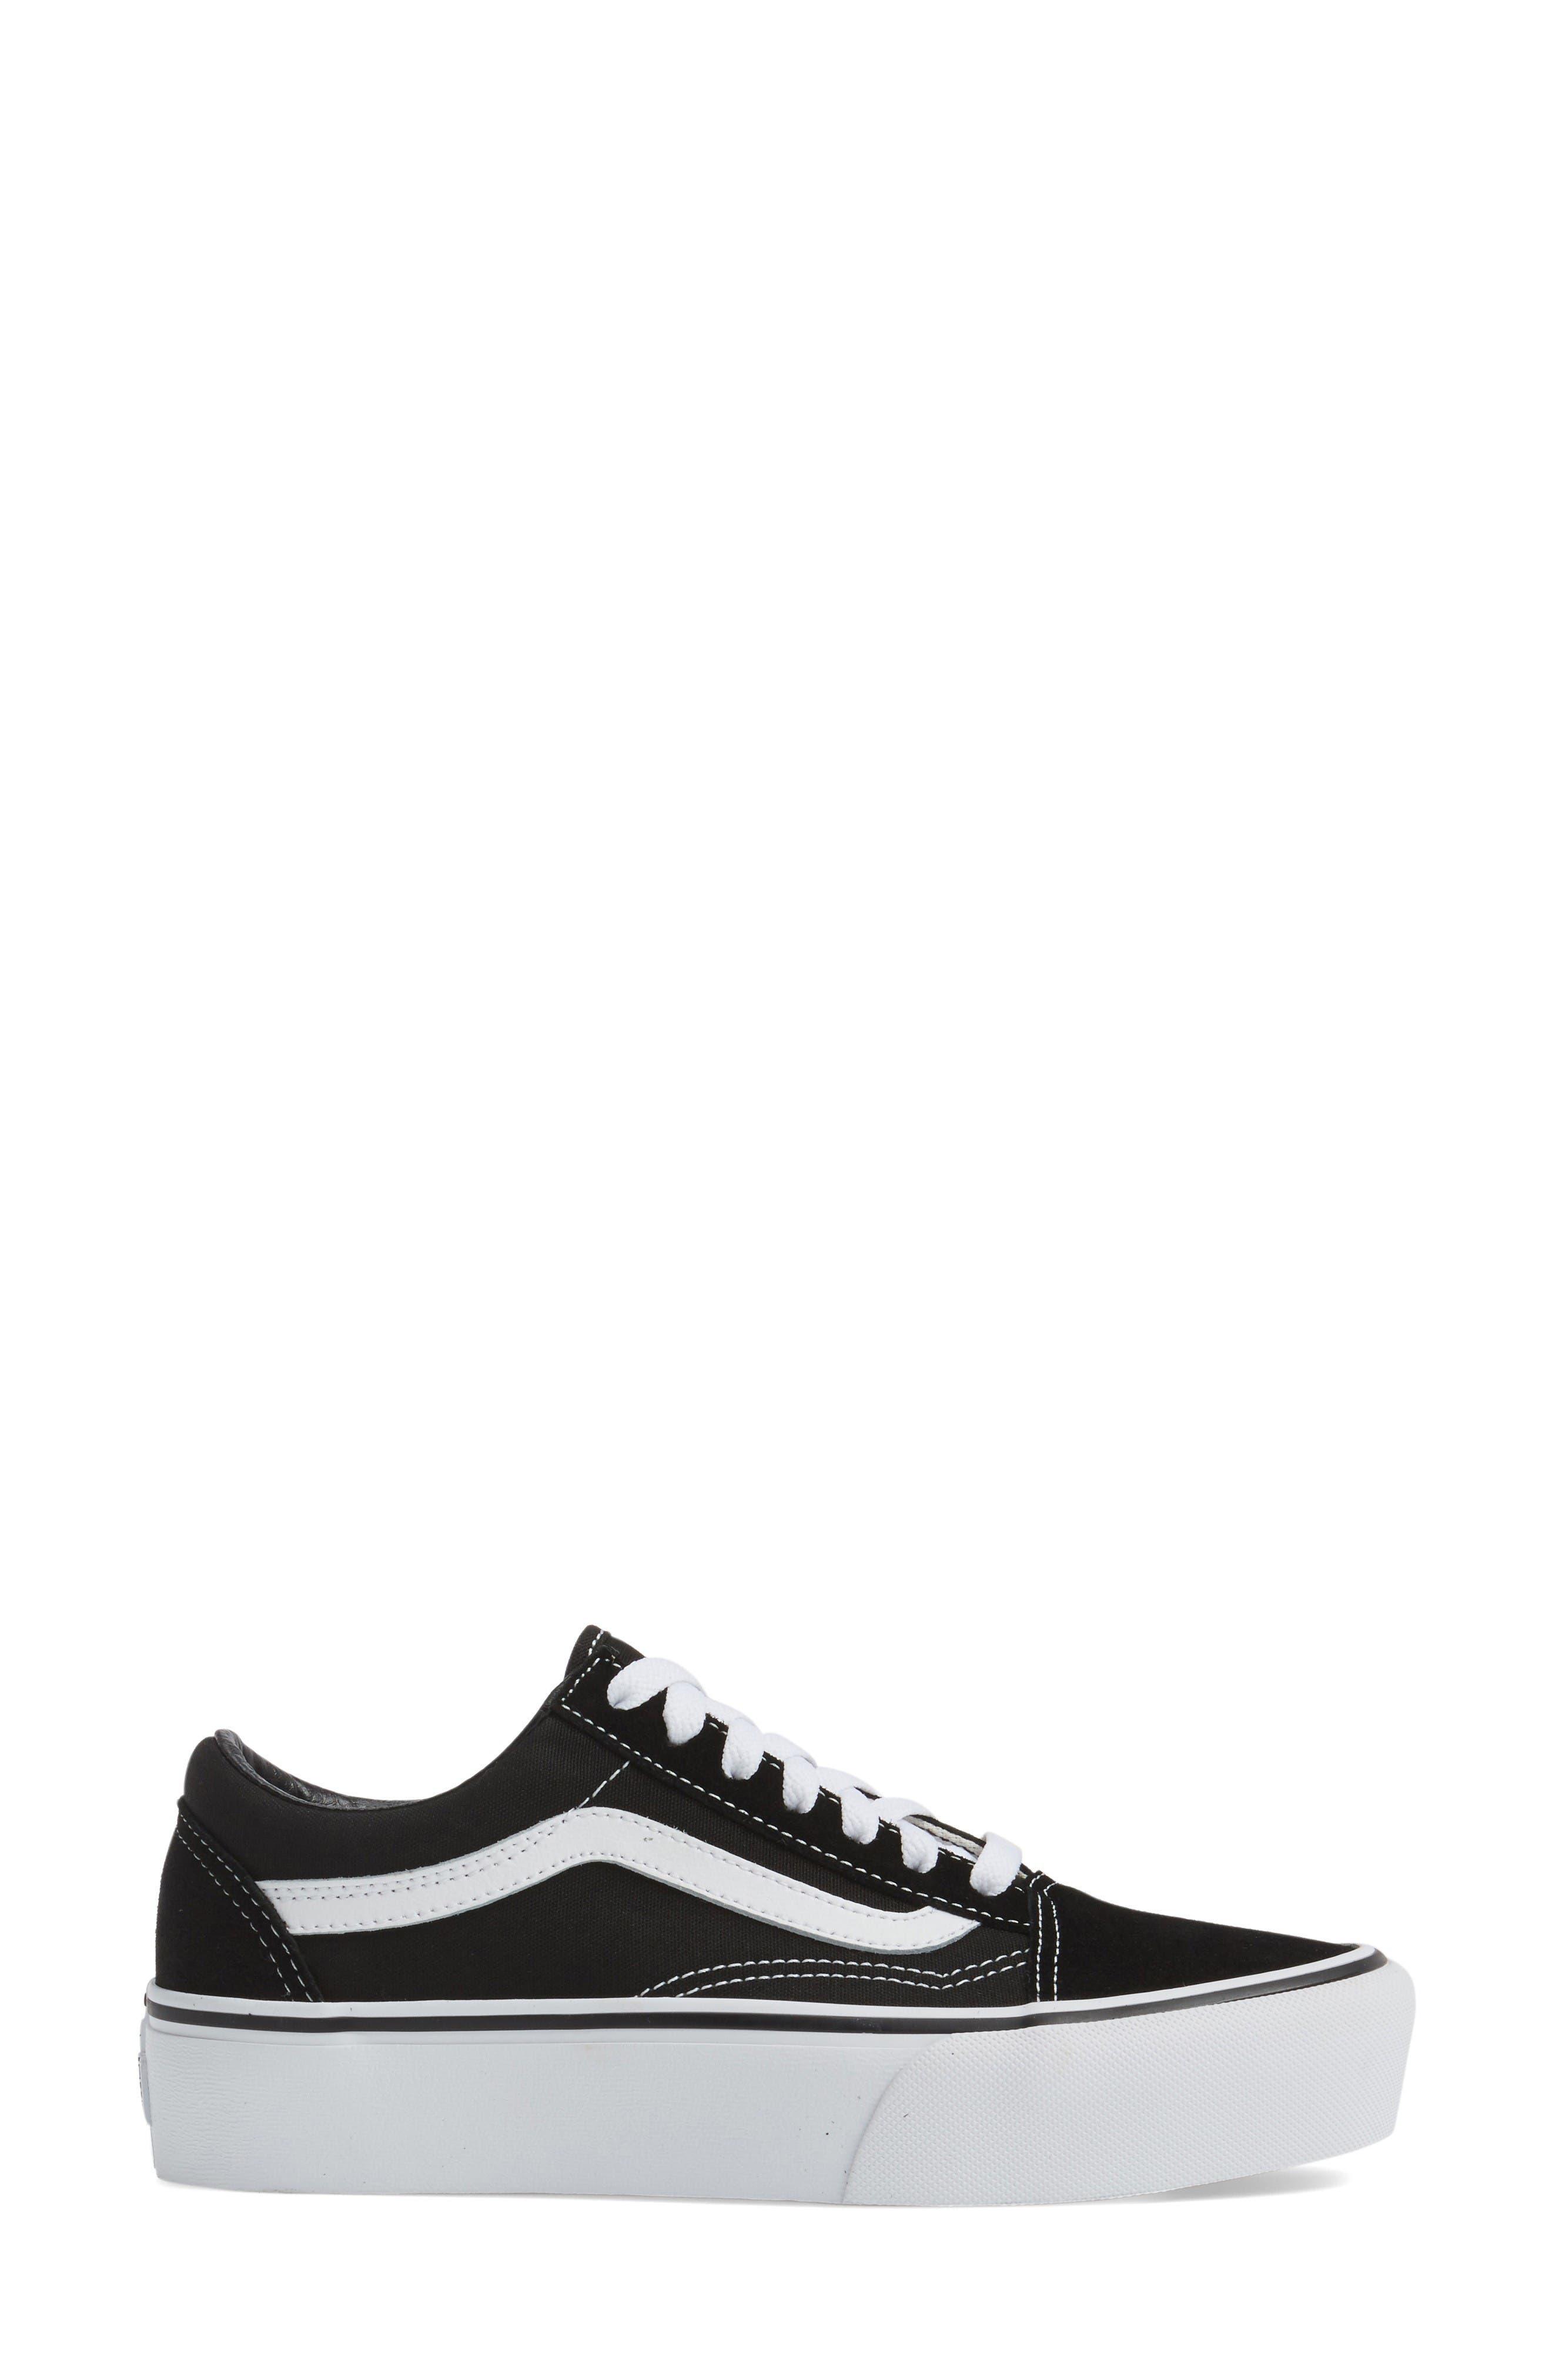 Old Skool Platform Sneaker,                             Alternate thumbnail 3, color,                             Black/ White